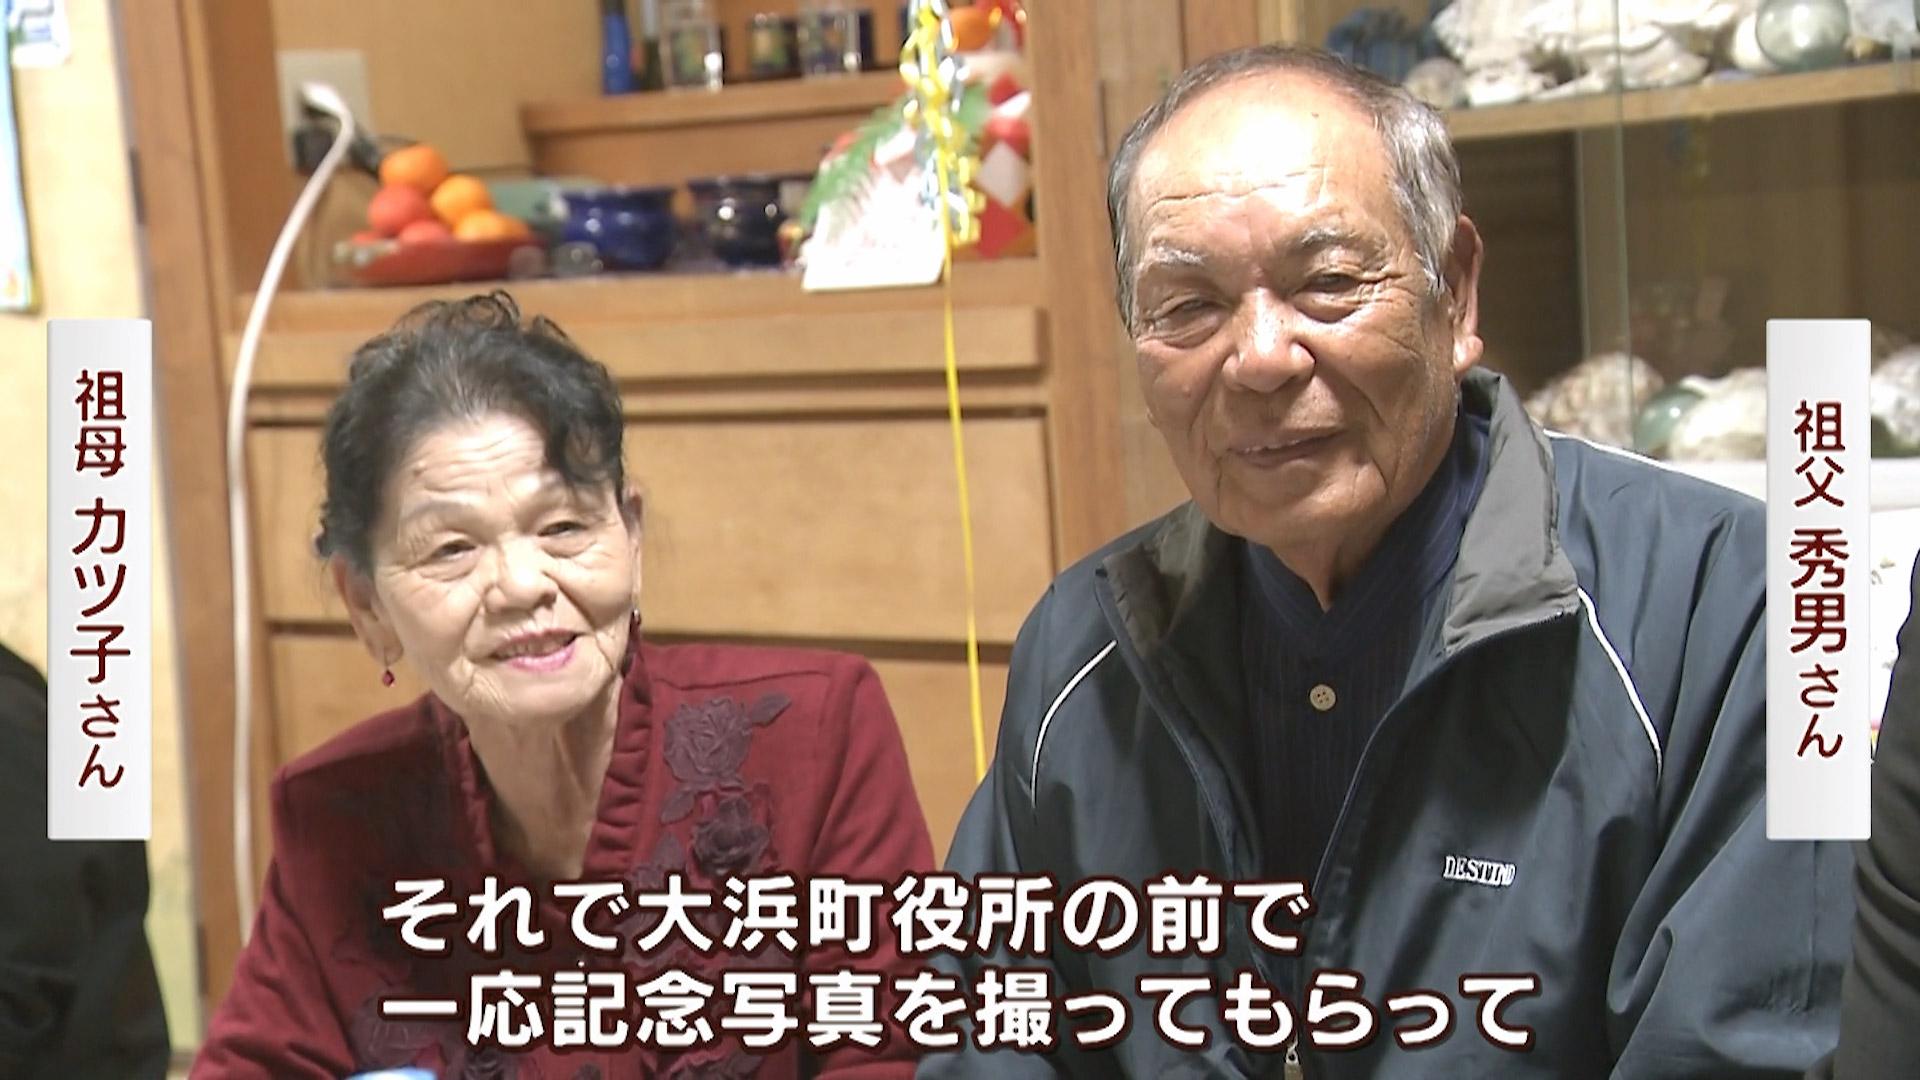 68年続く白保成人式 昭和・平成・令和と受け継がれる式